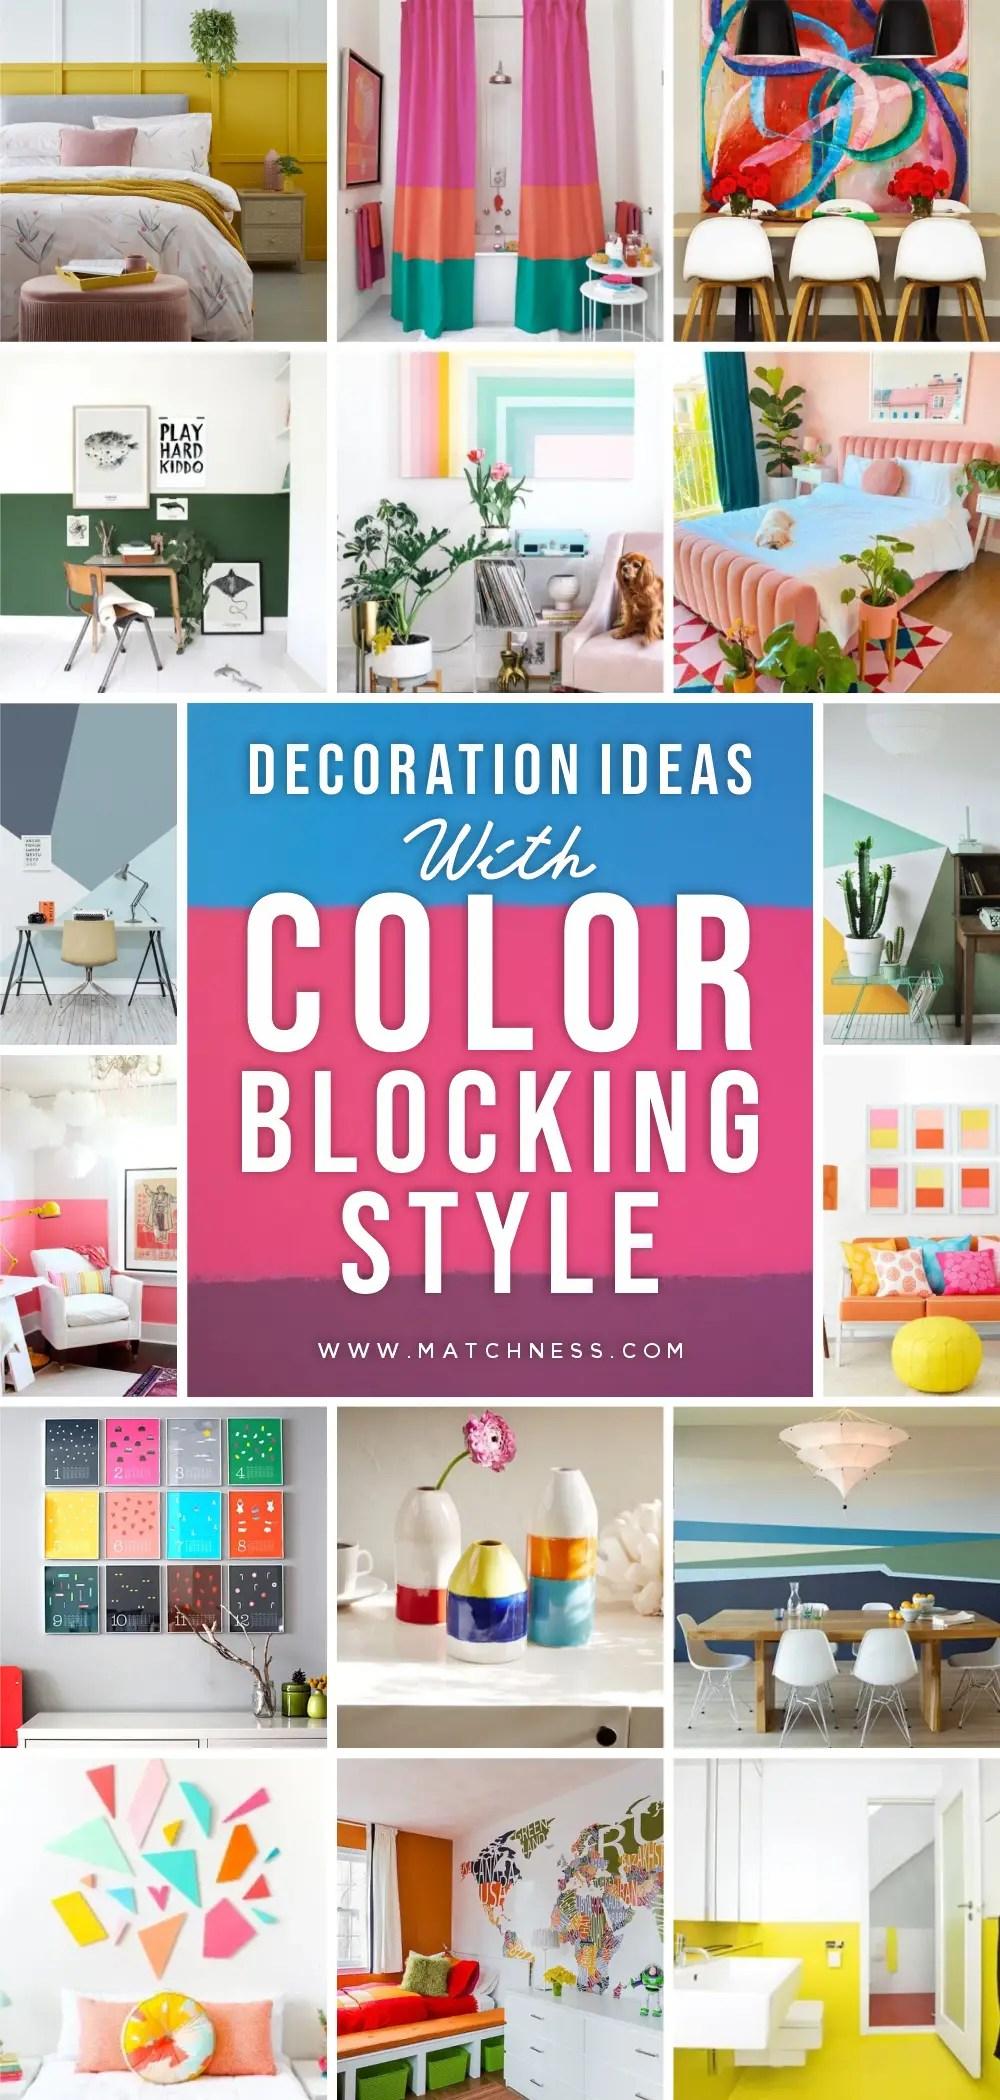 Idee-di-decorazione-con-stile-blocco-colore-1